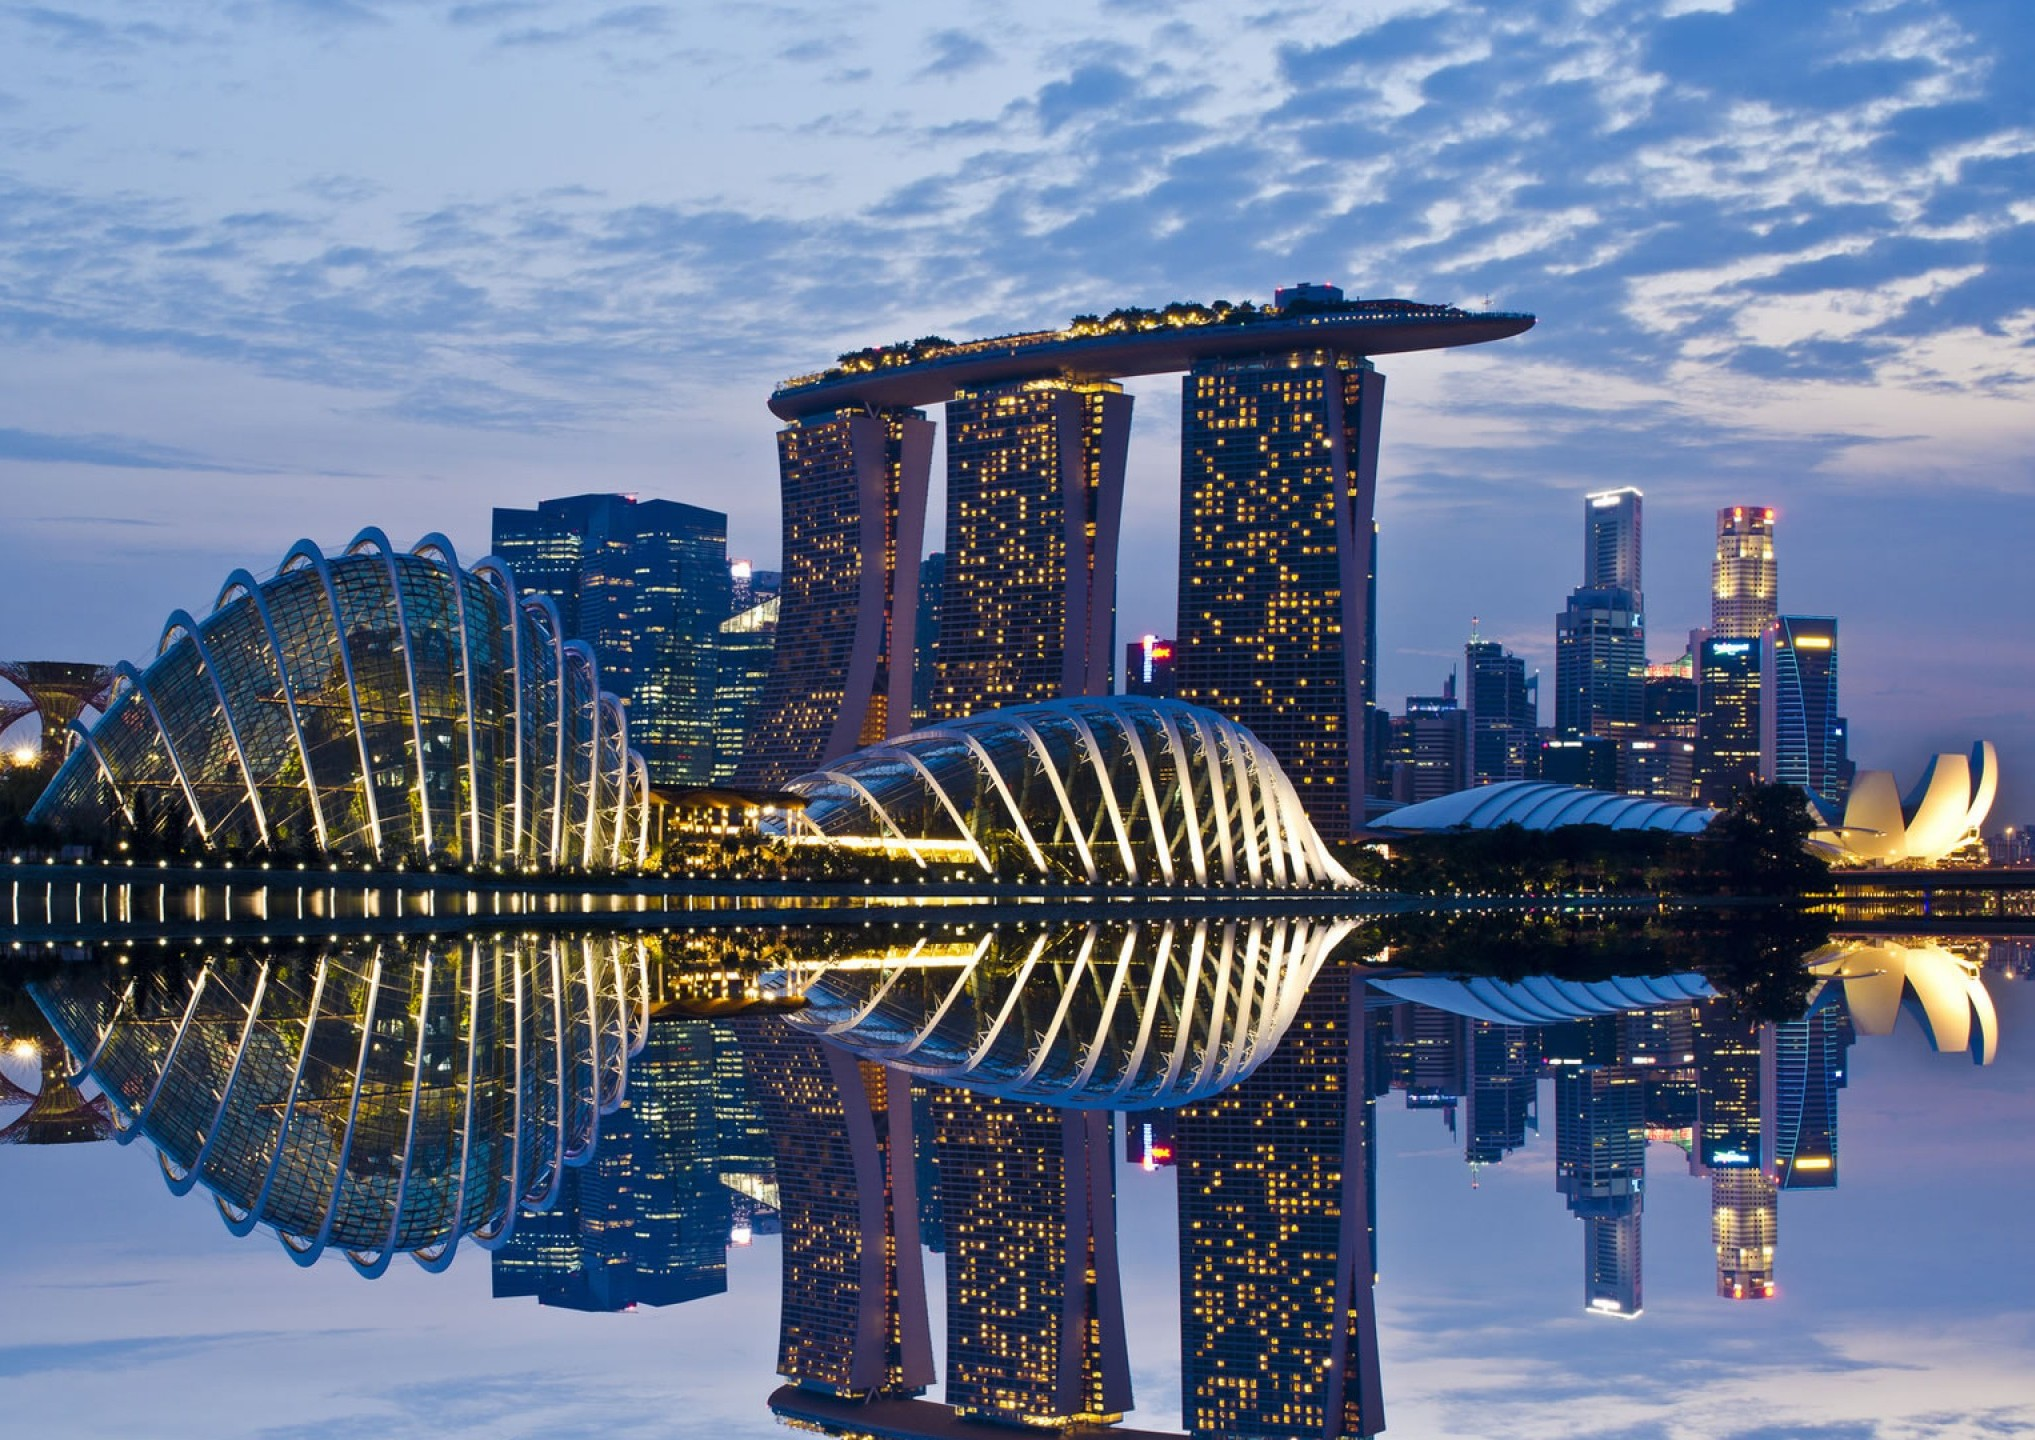 Как недорого отдохнуть в самом дорогом городе мира - Сингапуре